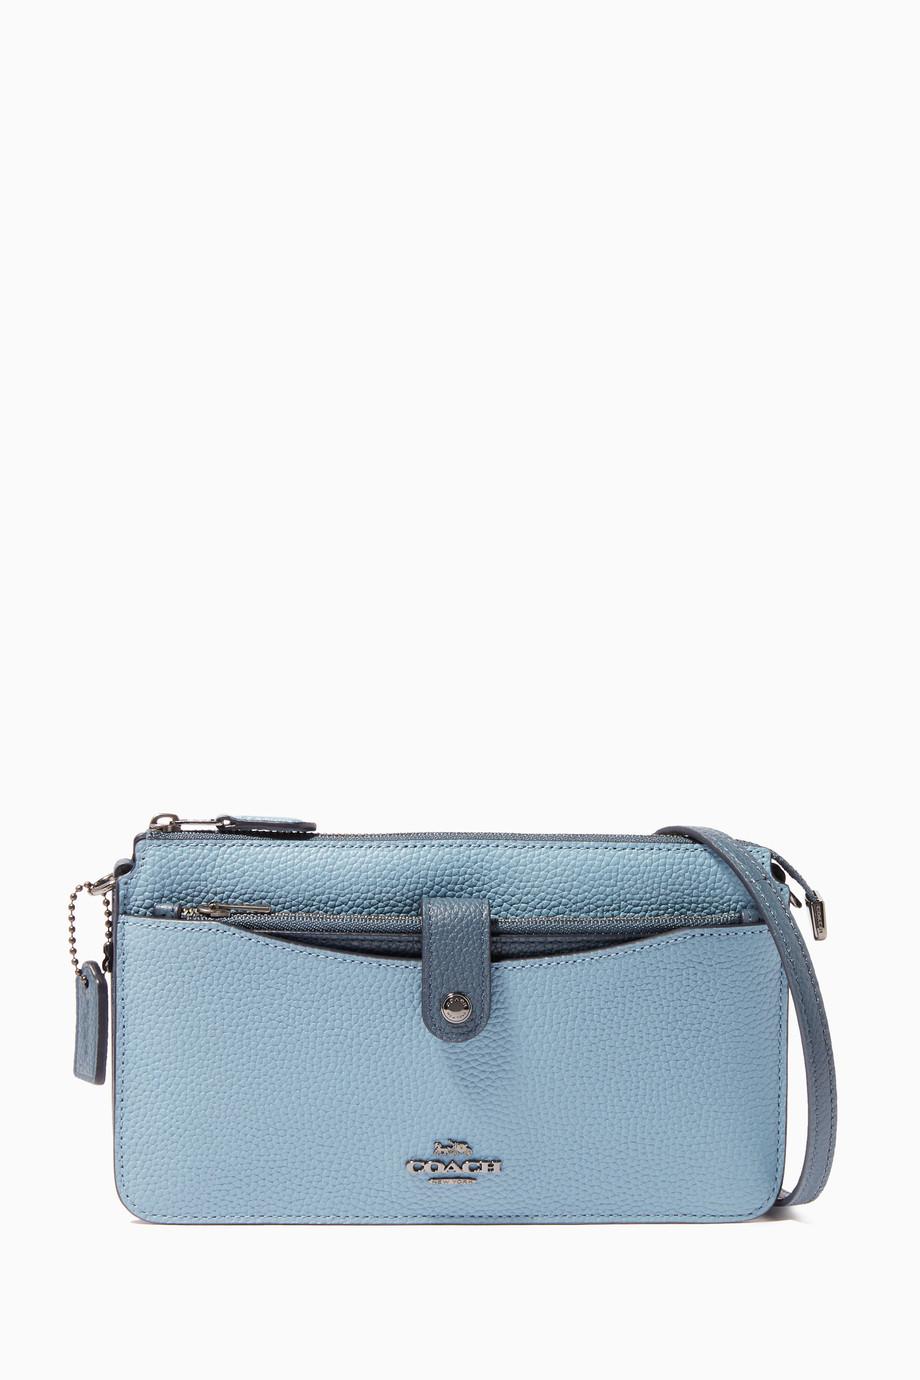 928da2e9cbb08 تسوق حقيبة مسنجر بزر كبس مقسمة بألوان كوتش لون طبيعى للنساء